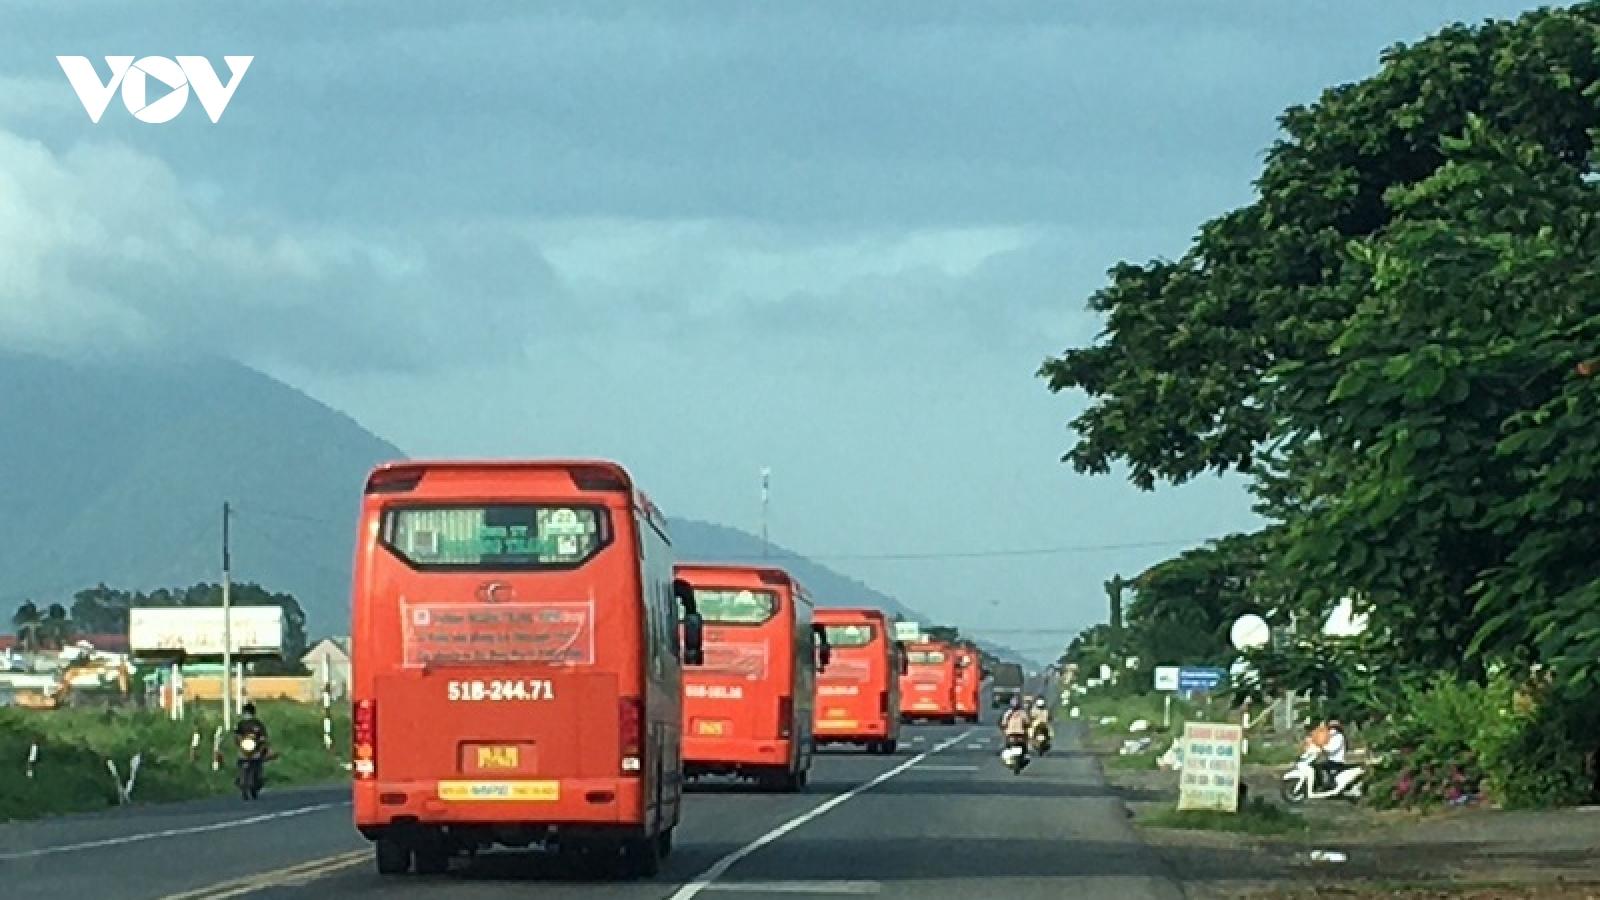 Bình Thuận đưa450 người rời tâm dịchTP.HCM vềquê